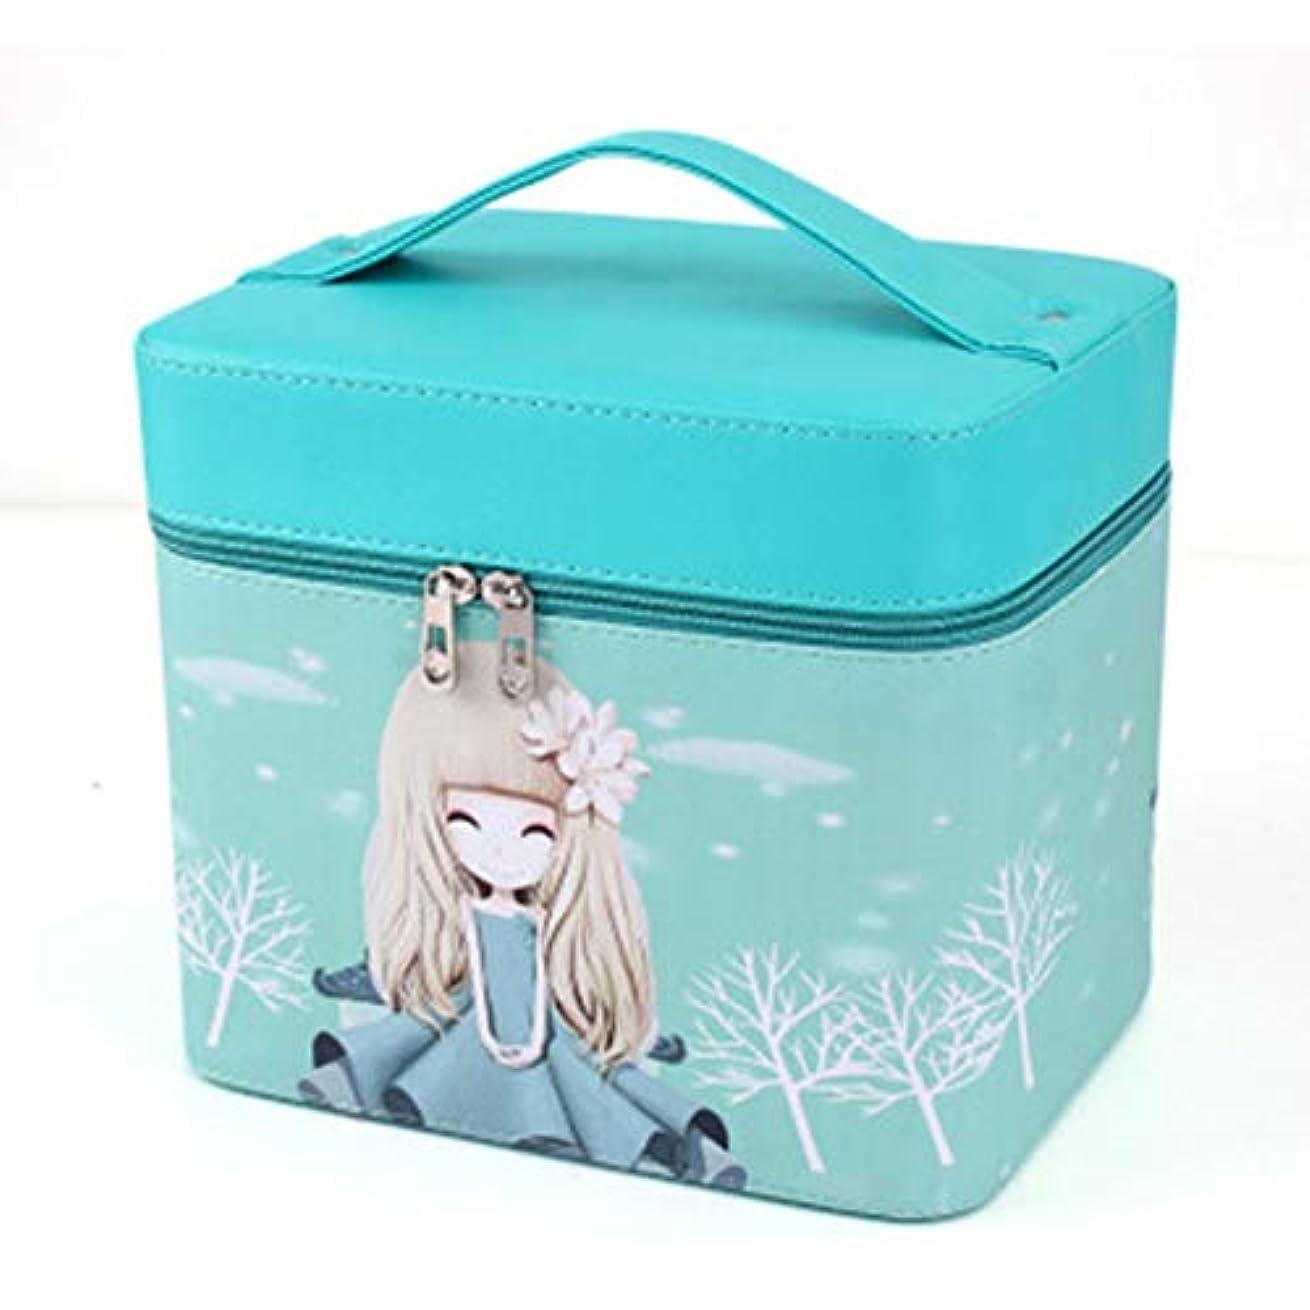 褒賞贅沢なを除く化粧オーガナイザーバッグ ジッパーと化粧鏡で小さなものの種類の旅行のための美容メイクアップのためのポータブル化粧品バッグ 化粧品ケース